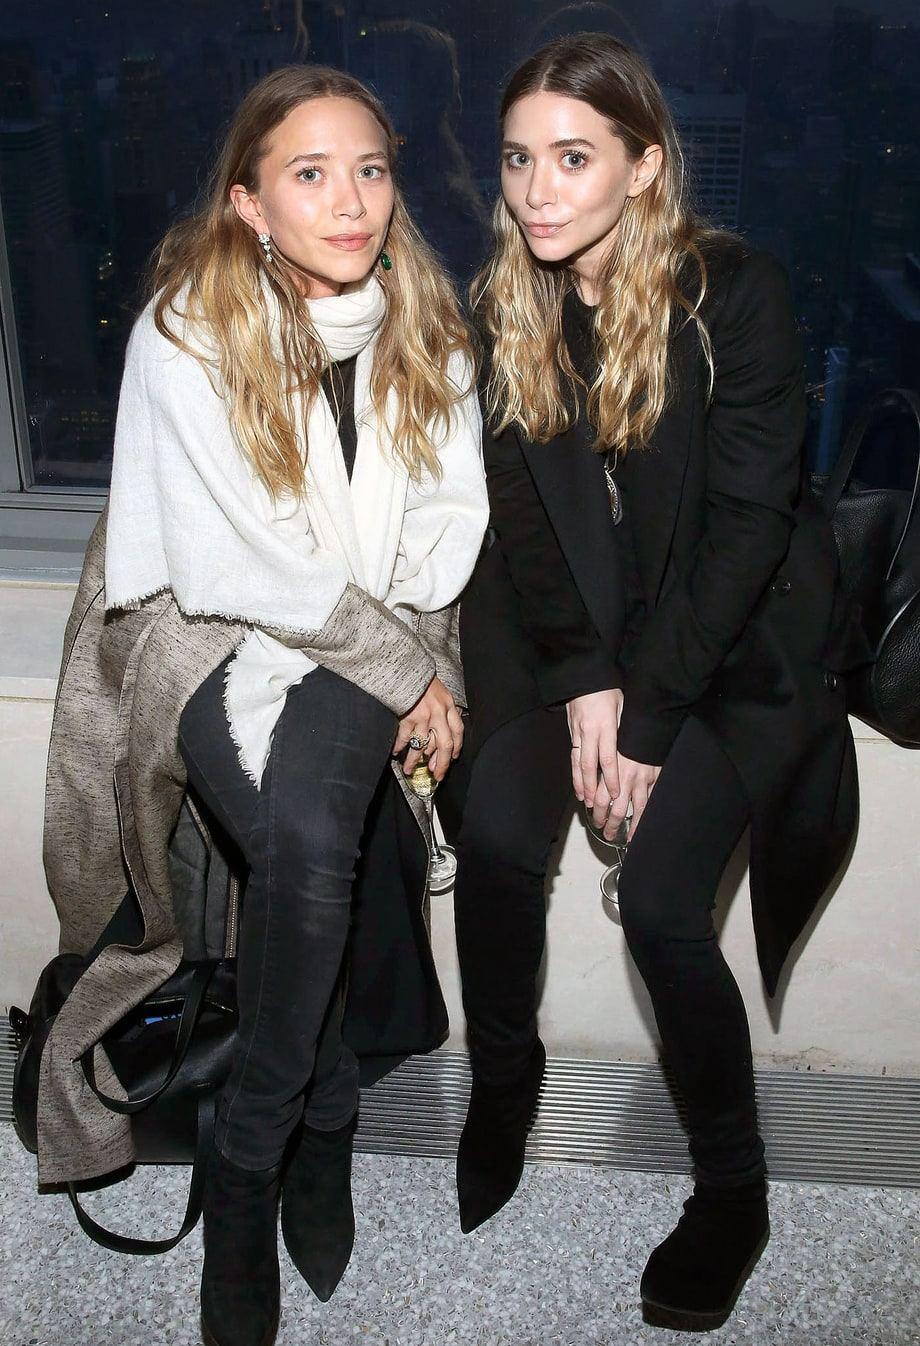 Lecciones de estilo que aprendimos de las gemelas Olsen - image olsen-vanidad on https://www.vanidad.es